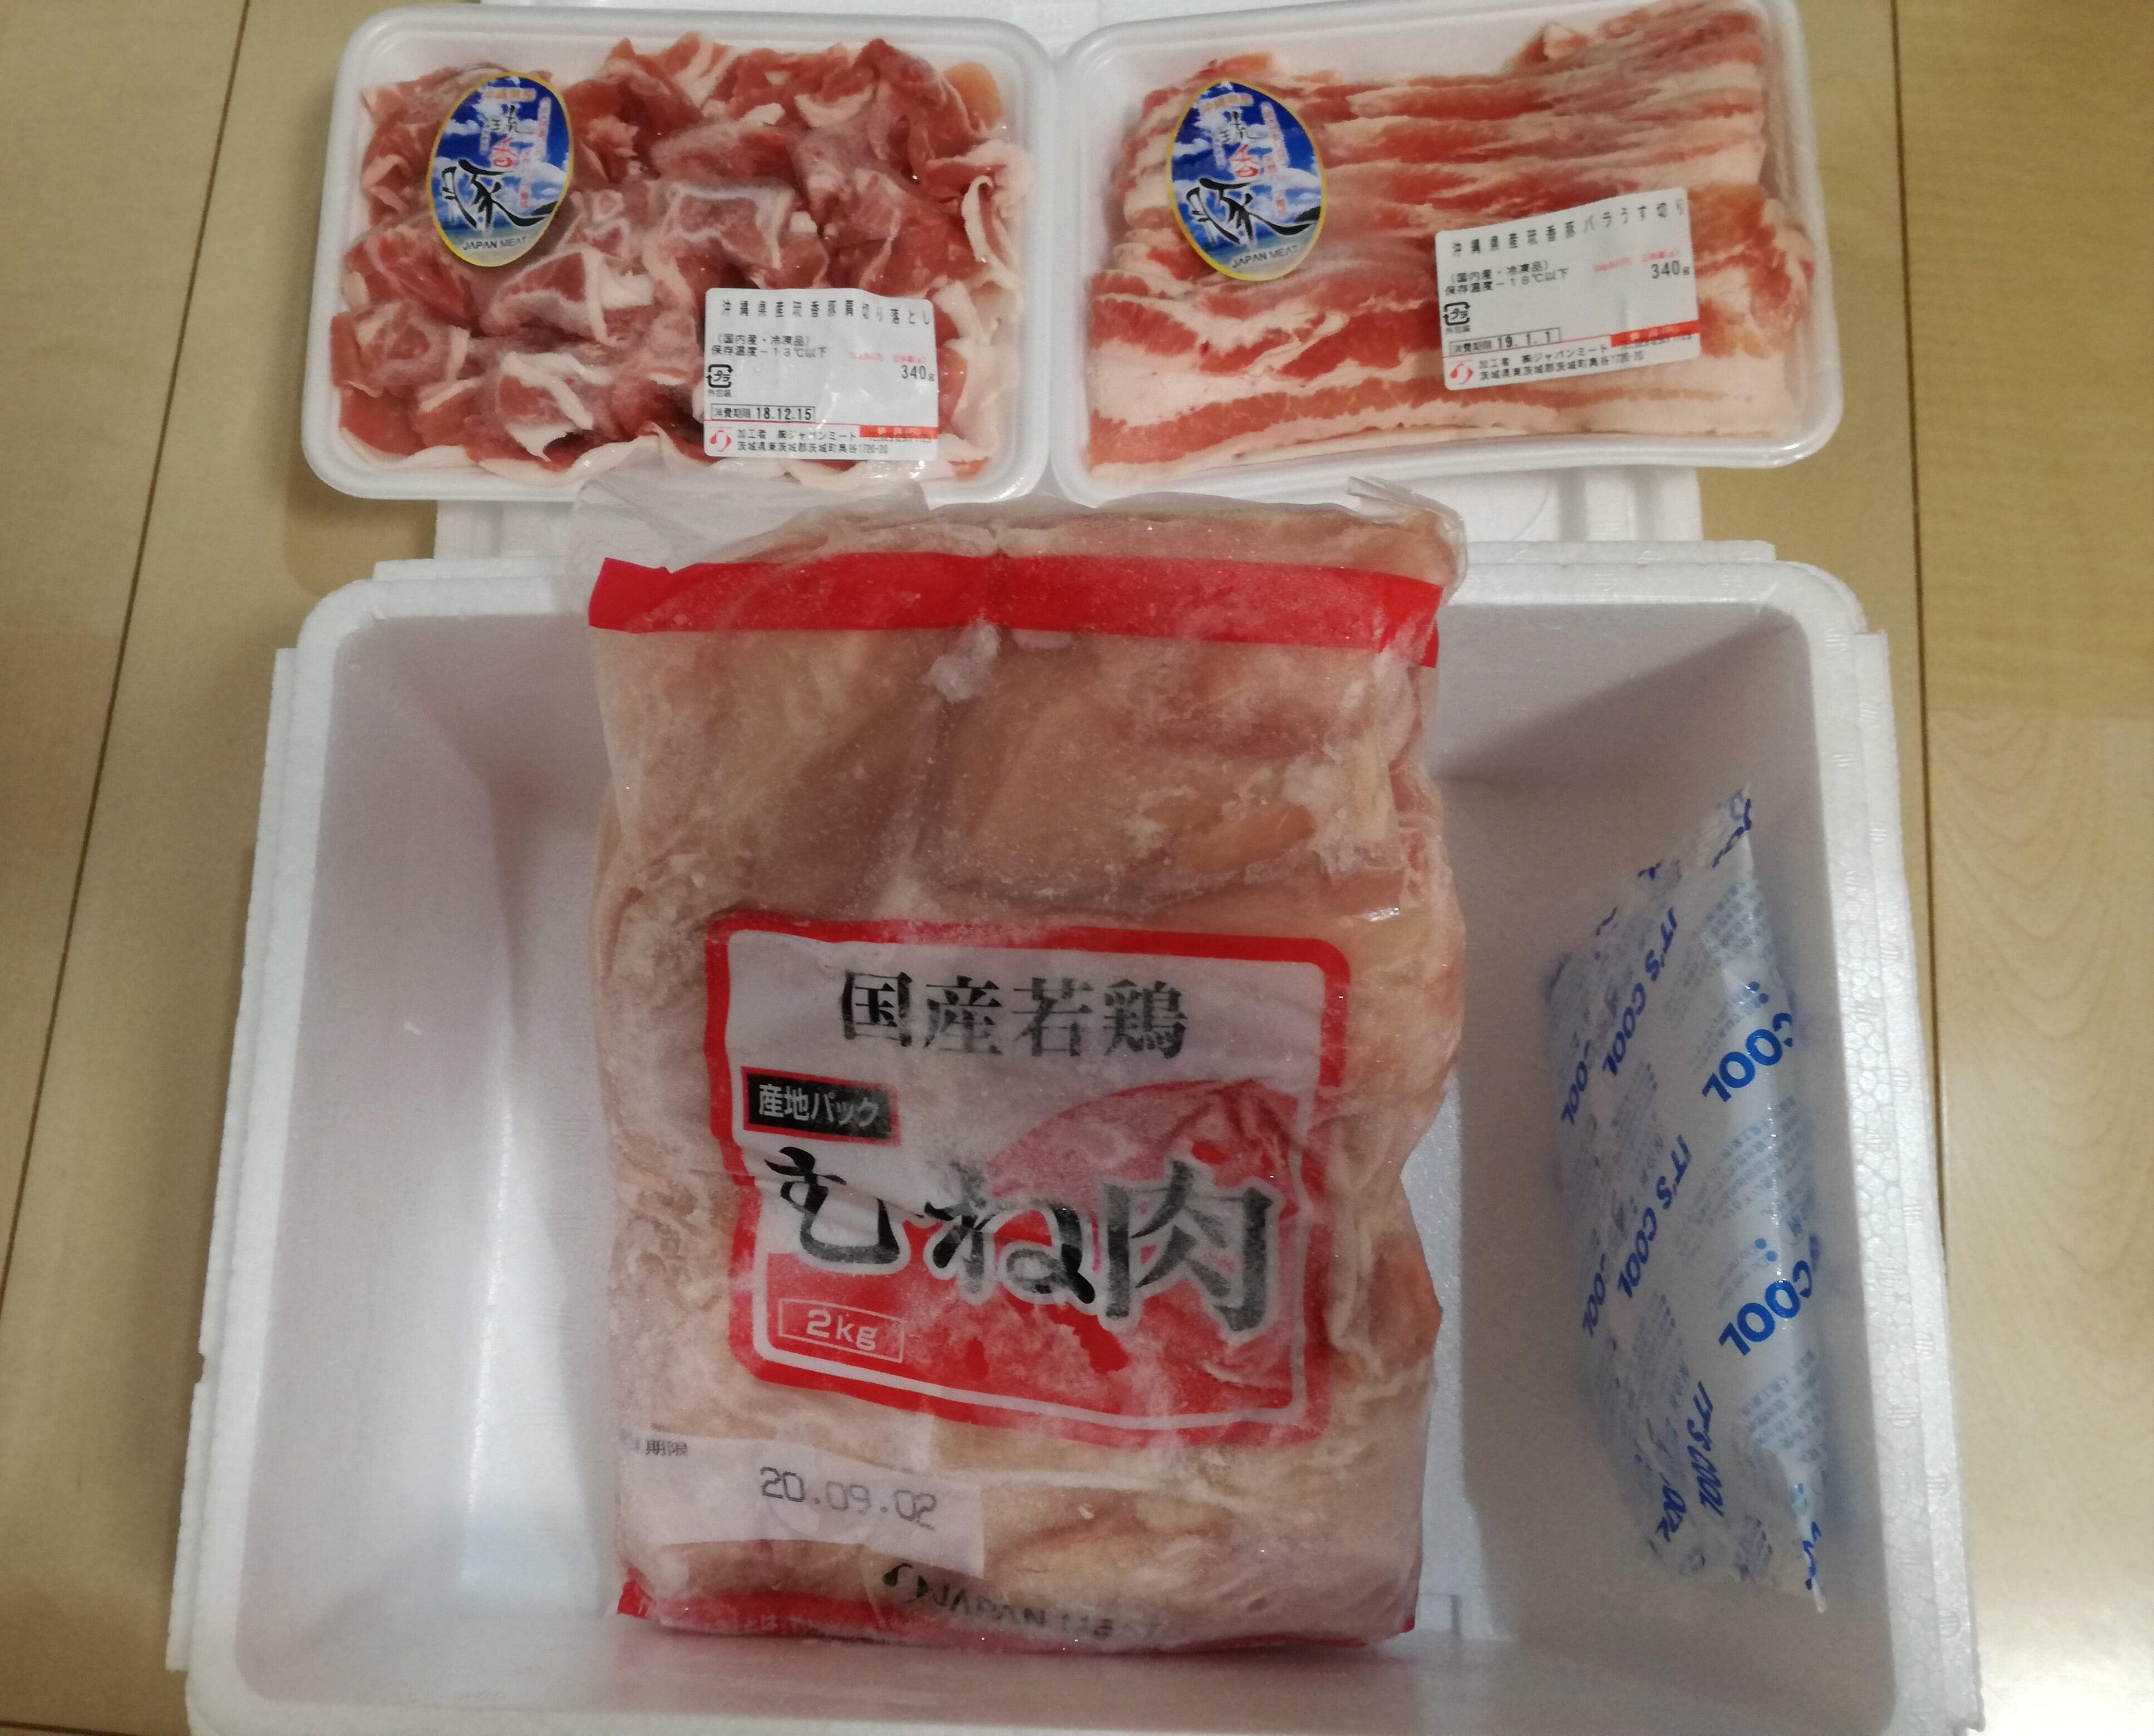 ジャパンミート(3539)から株主優待の精肉関連商品が届いて妻に怒られました!